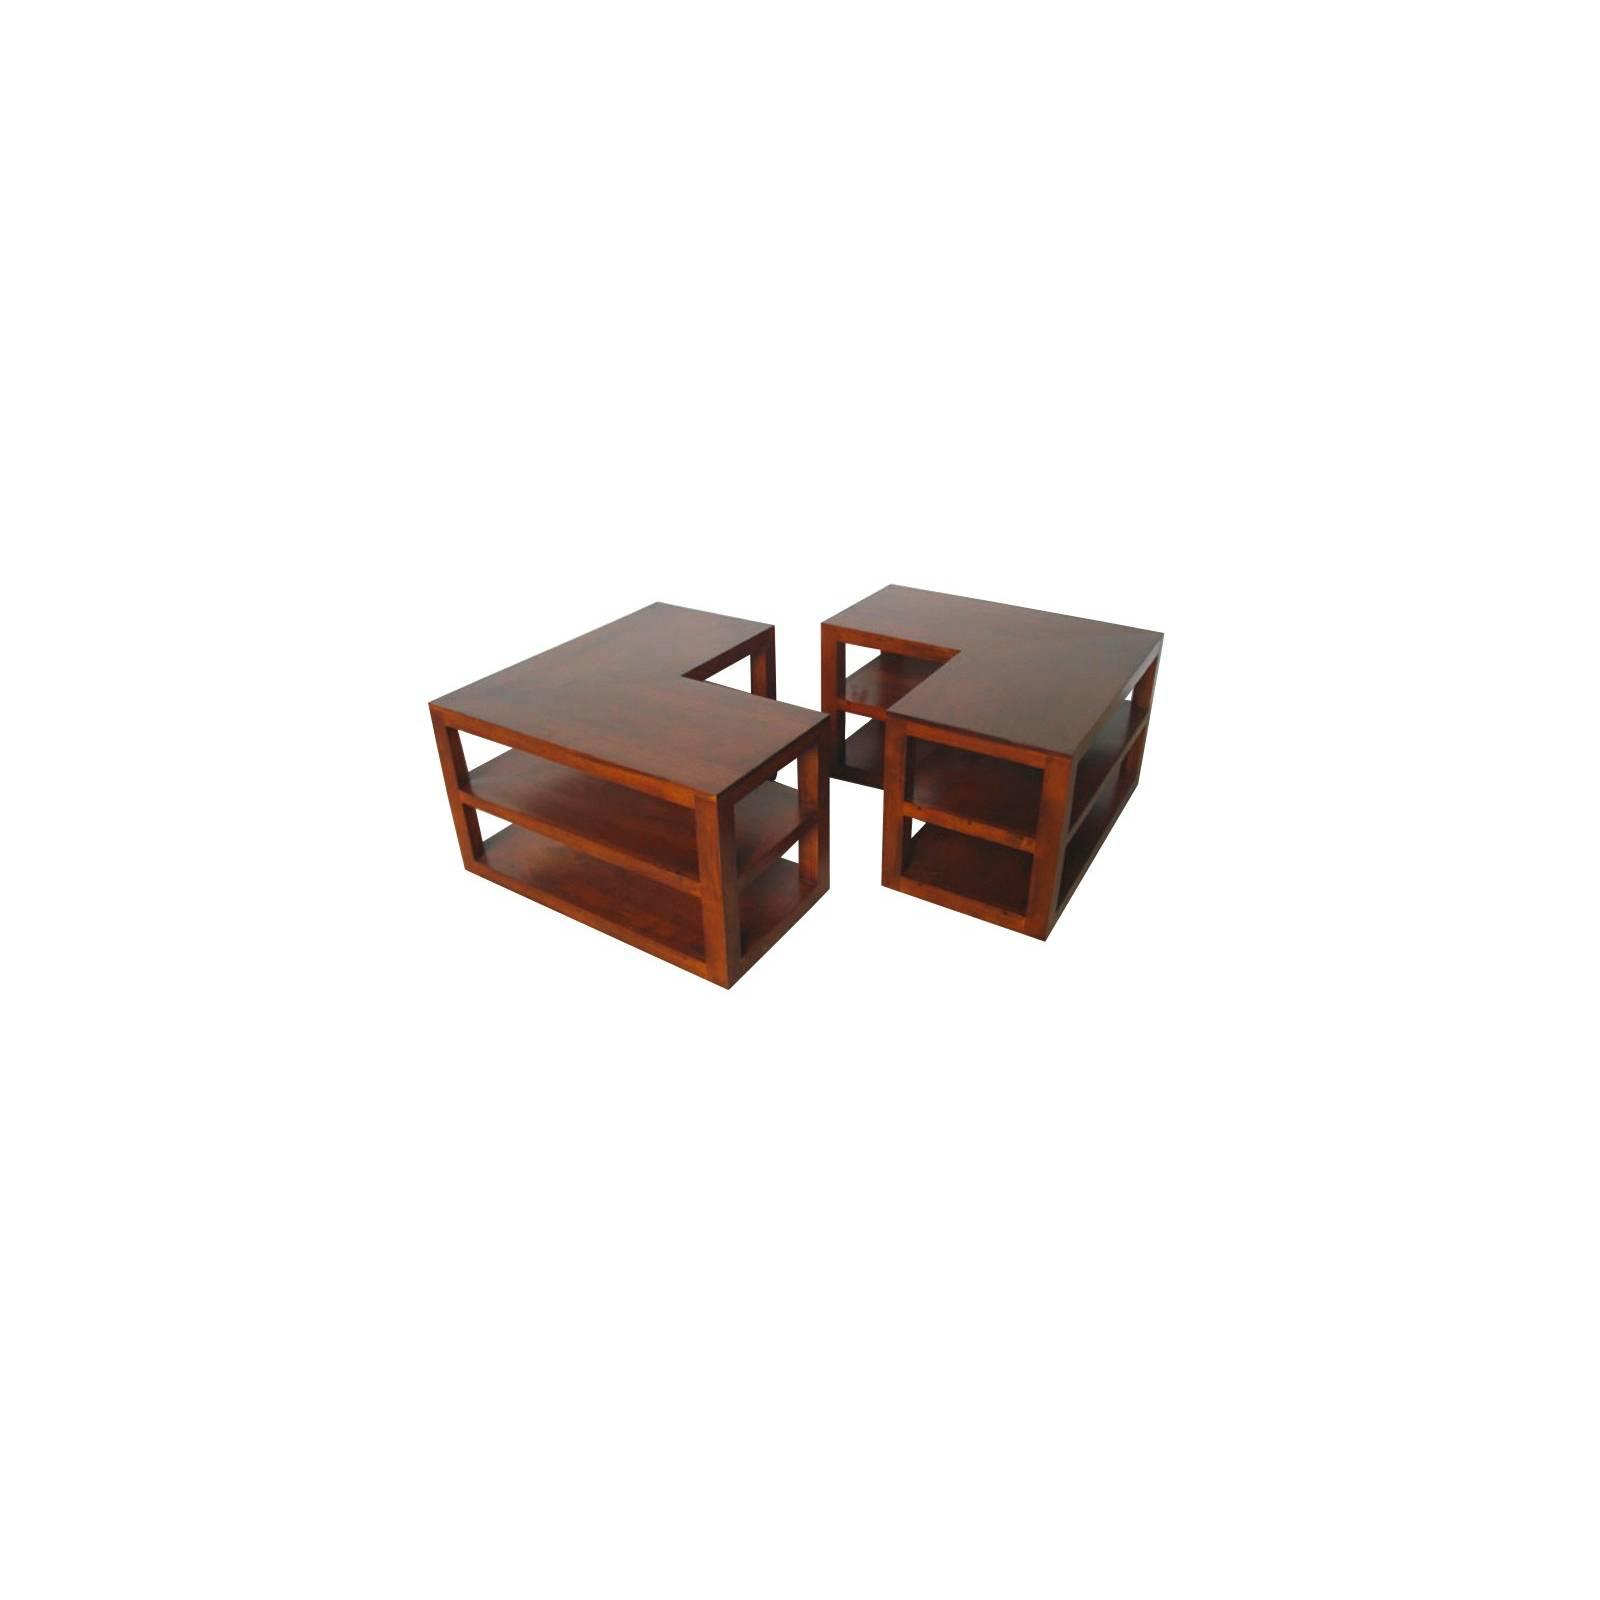 Table Basse Double Omega Hévéa - meuble style design